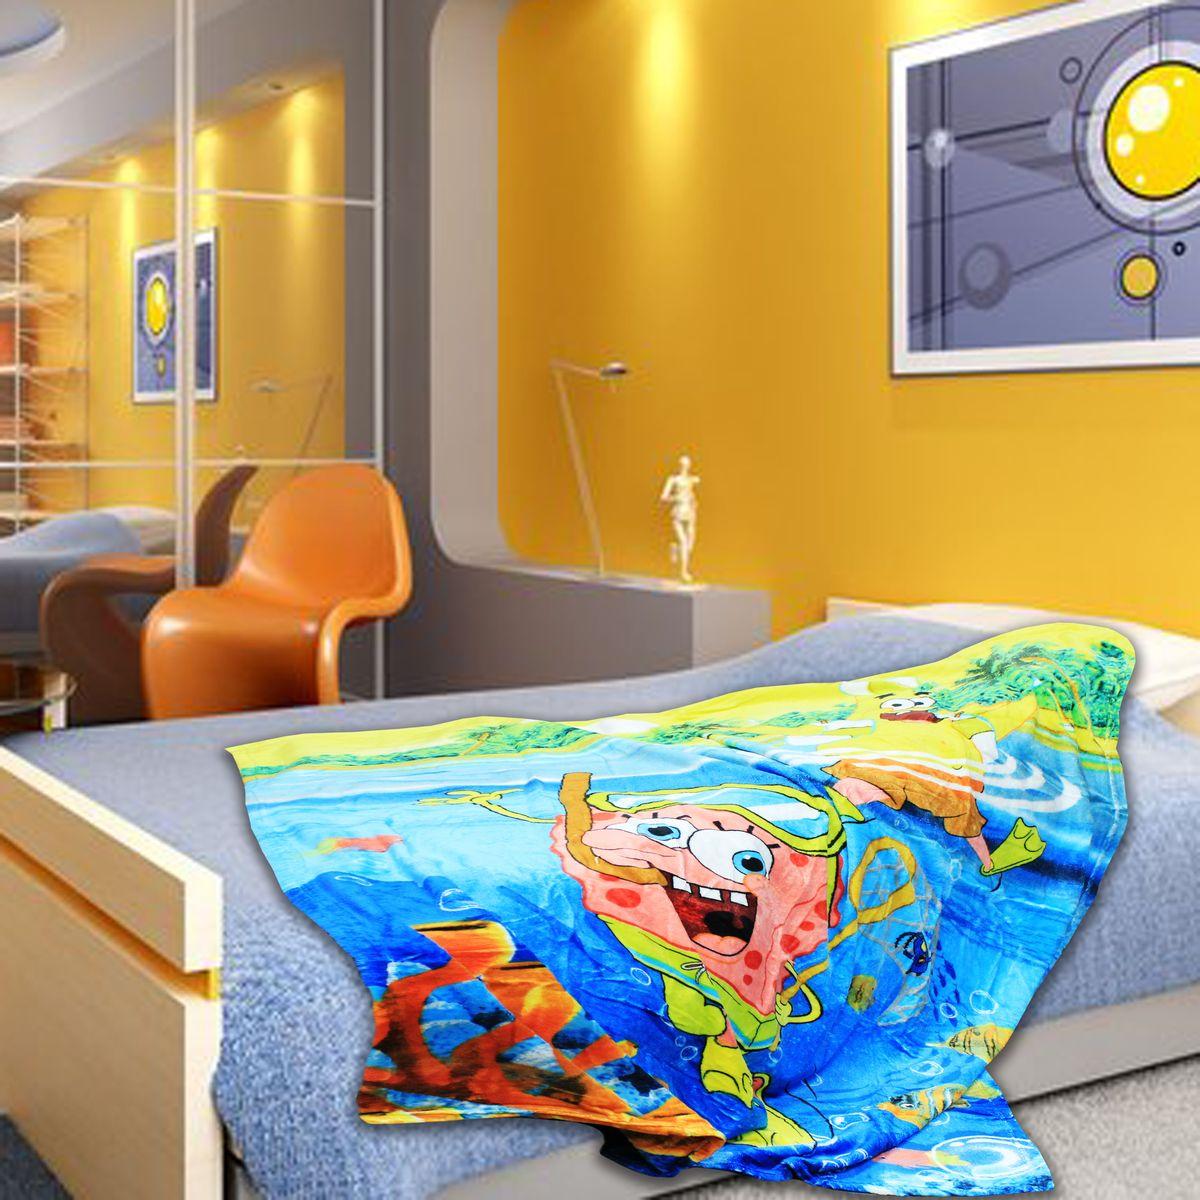 TexRepublic Плед Absolute Spongebob цвет голубой желтый 127 х 152 смNap200 (40)Детский плед TexRepublic Absolute: Spongebob согреет вашего малыша в любое время года, а яркие цвета долгое время будут радовать его.Пледы из микрофибры обладают уникальными свойствами – они быстро высыхают после стирки, гипоаллергенные, гигиеничные (не поглощают влагу и грязь). Повышенная практичность: не линяют, не электризуются и не мнутся, не скатываются, не оставляют после себя волокон, прочные и эластичные. Плед оформлен красочным принтом.